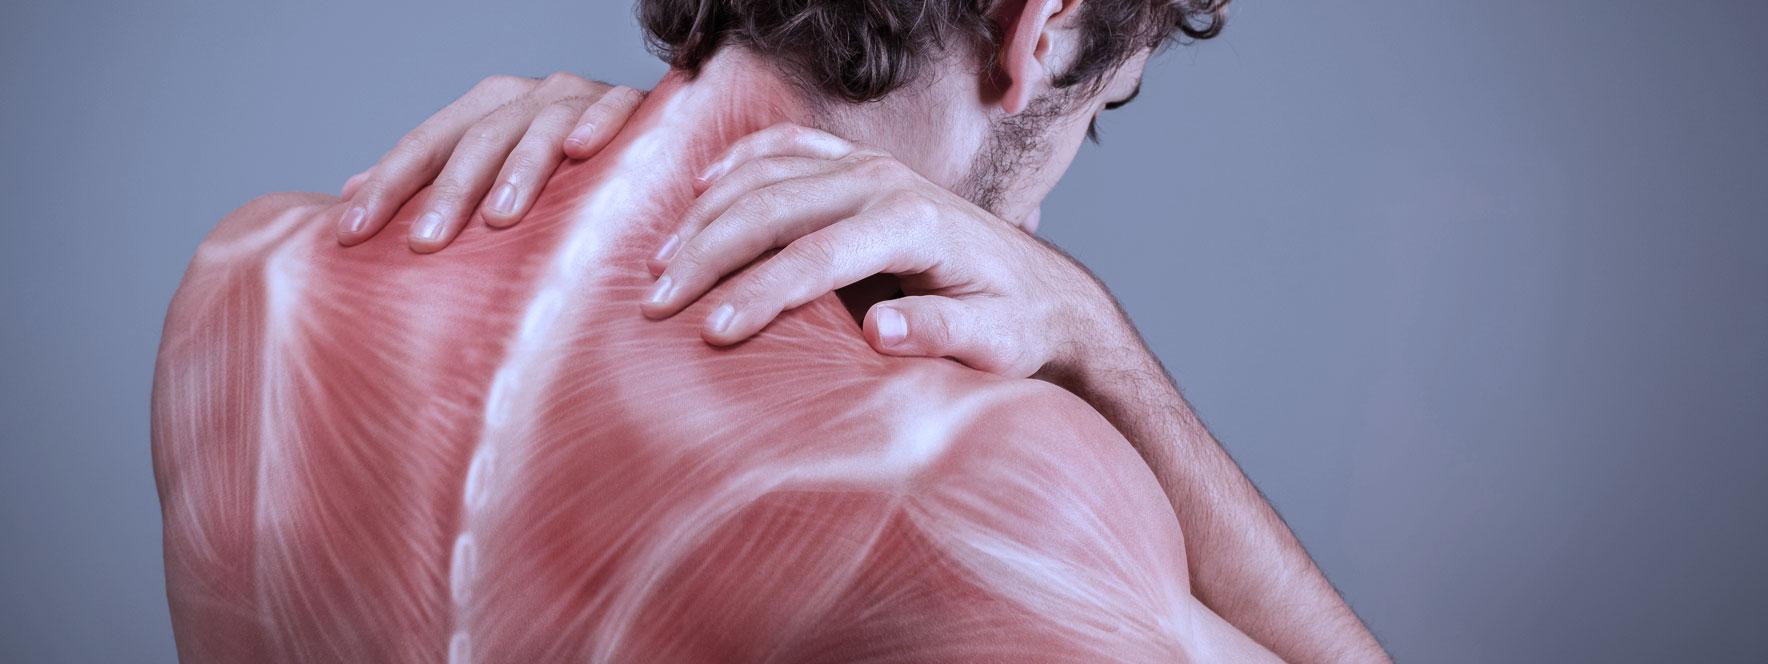 Mécanismes qui assomment vos muscles - Blogue du Réseau